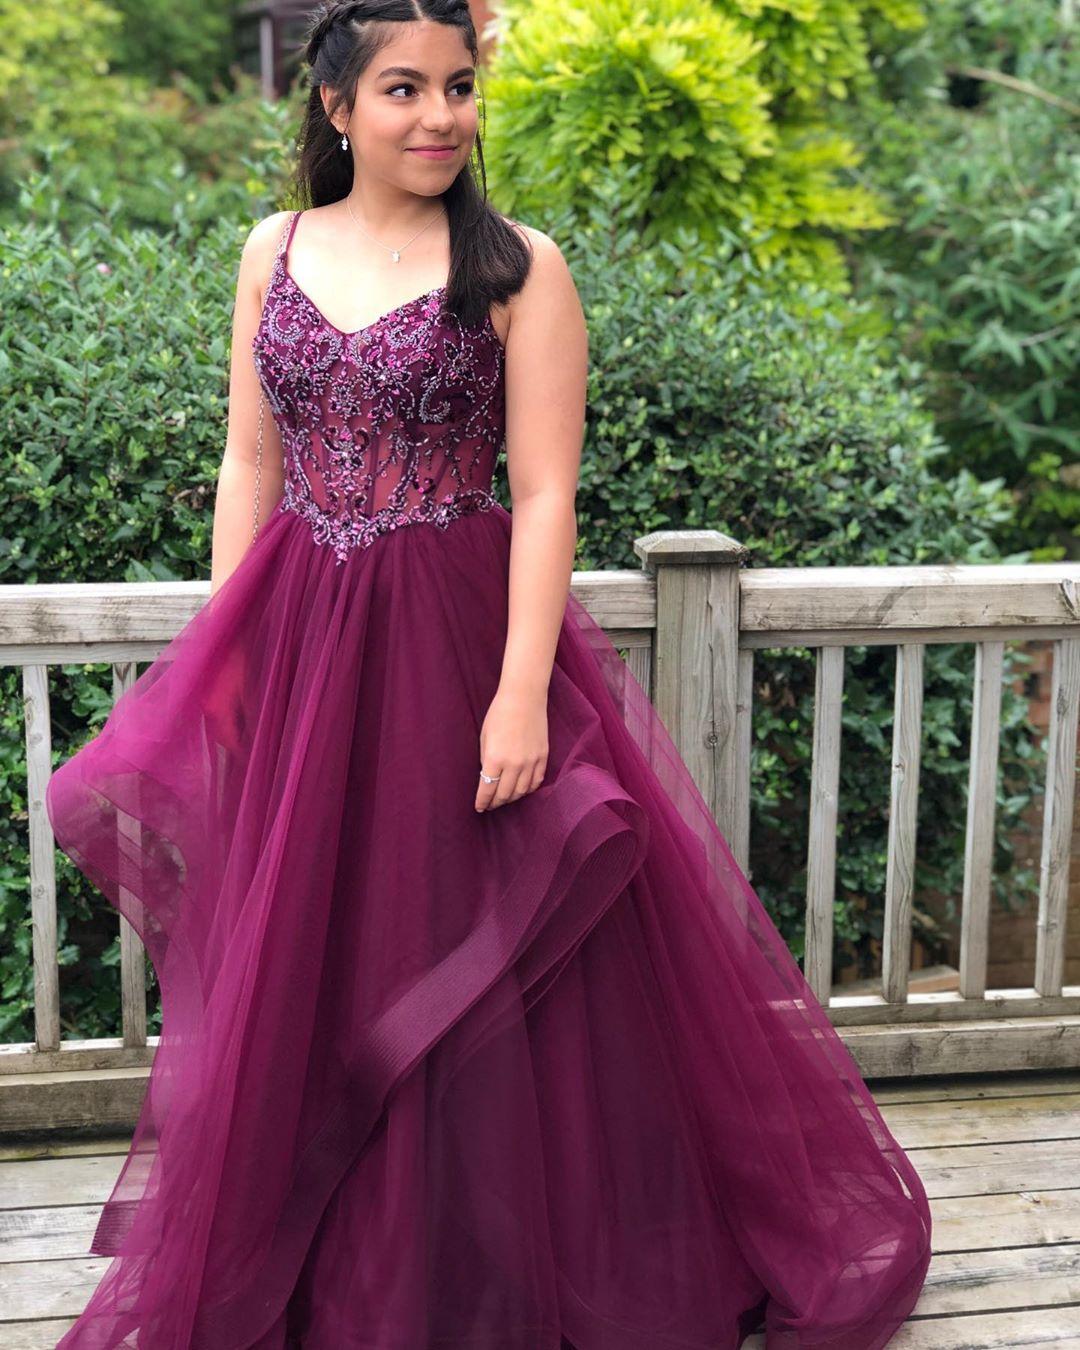 Os 8 Melhores Vestidos De Baile 2020: Paleta Colorida Para Os Melhores Vestidos De Baile